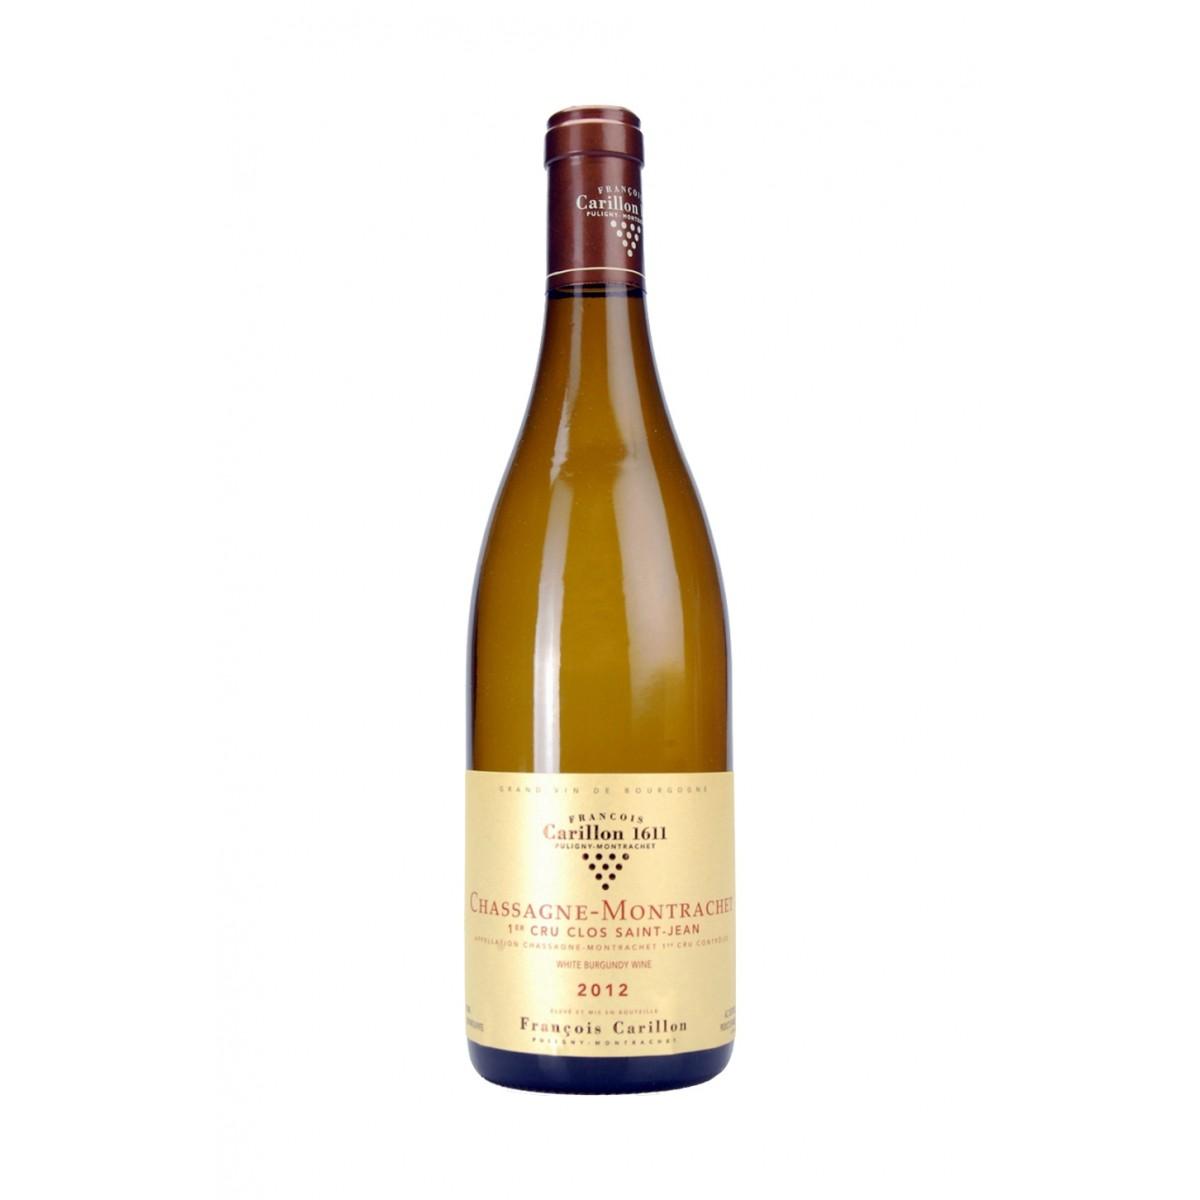 Chassagne Montrachet 1er Cru Clos Saint Jean 2012 - Domaine Francois Carillon